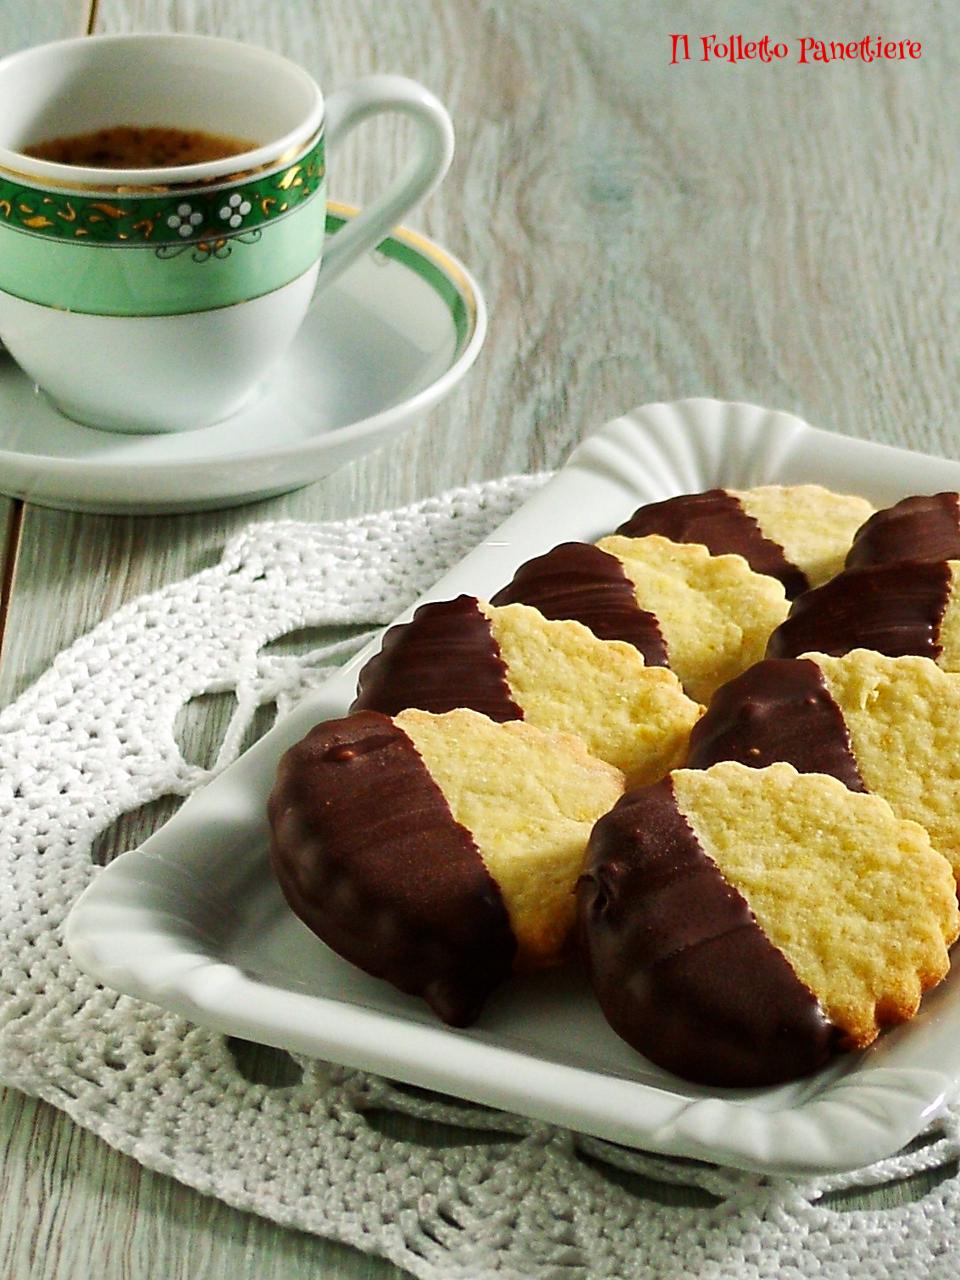 biscotti all'arancia ricoperti di cioccolato